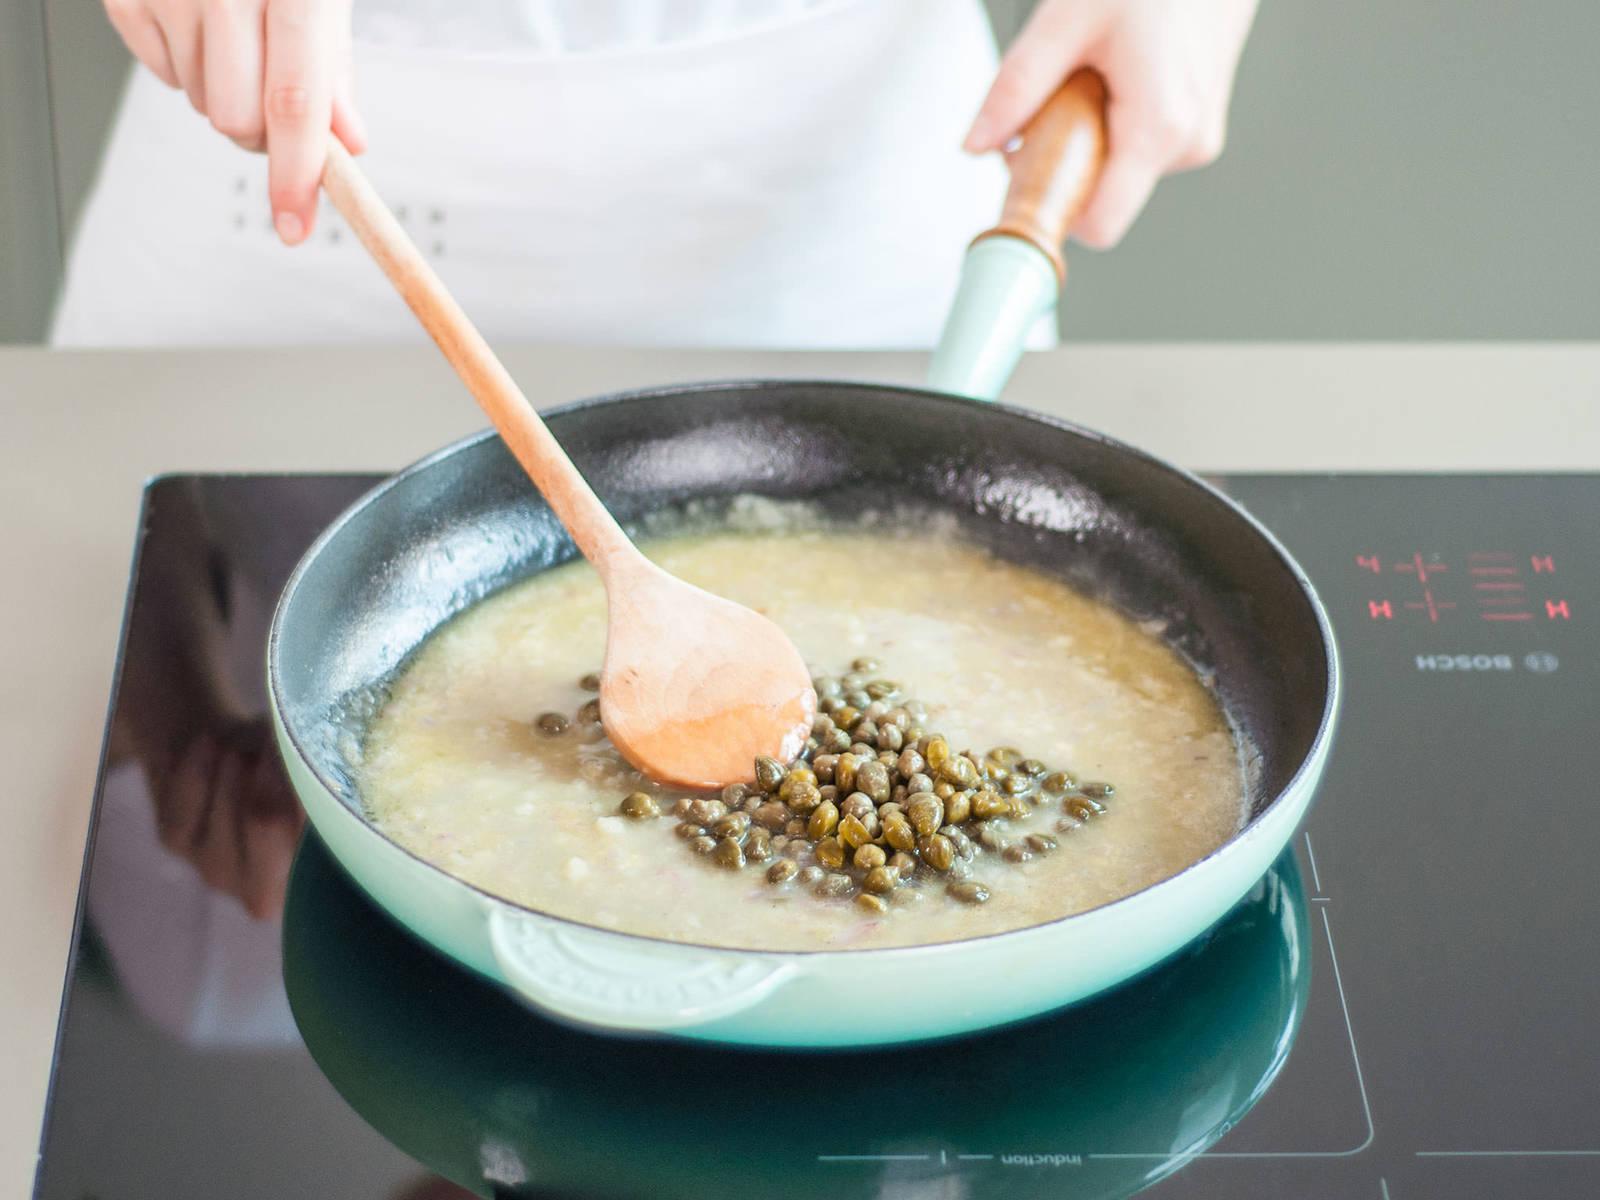 与此同时,在平底锅中,中火加热橄榄油。放入蒜末和红葱末,炒香,约需2-3分钟。调至中高火,倒入葡萄酒。煨1分钟,然后倒入鸡肉高汤。将面粉拌入锅中,搅拌至顺滑,继续煮几分钟,直至汤汁变稠。加入柠檬汁、酸豆和黄油,搅拌至黄油融化。加盐与胡椒调味。